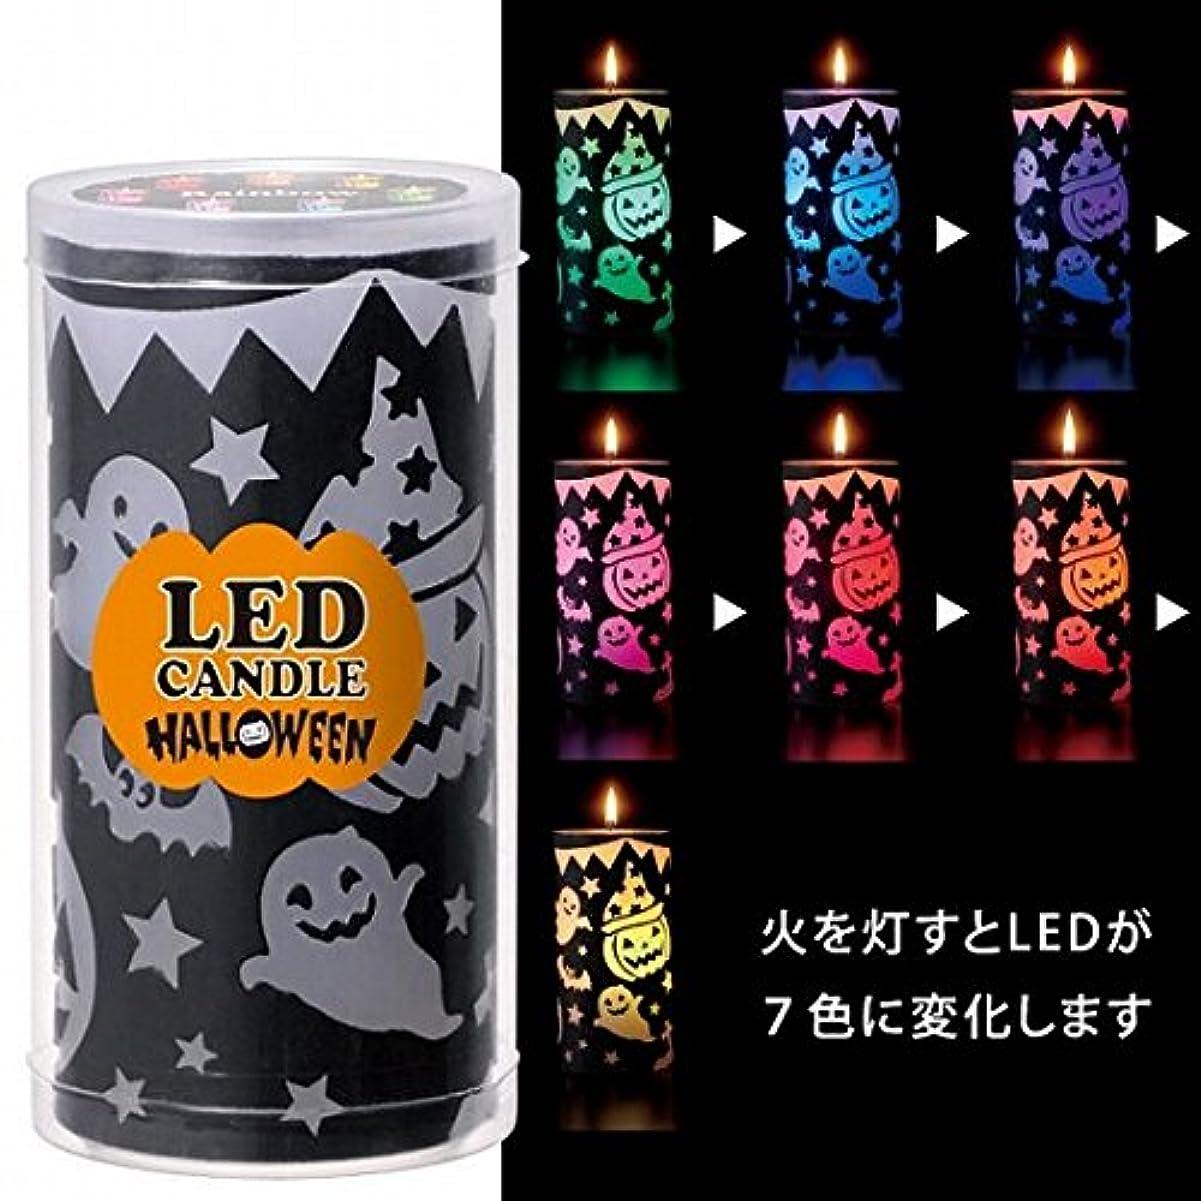 カトリック教徒ワゴン暴露カメヤマキャンドル( kameyama candle ) LEDピラーパンプキン キャンドル